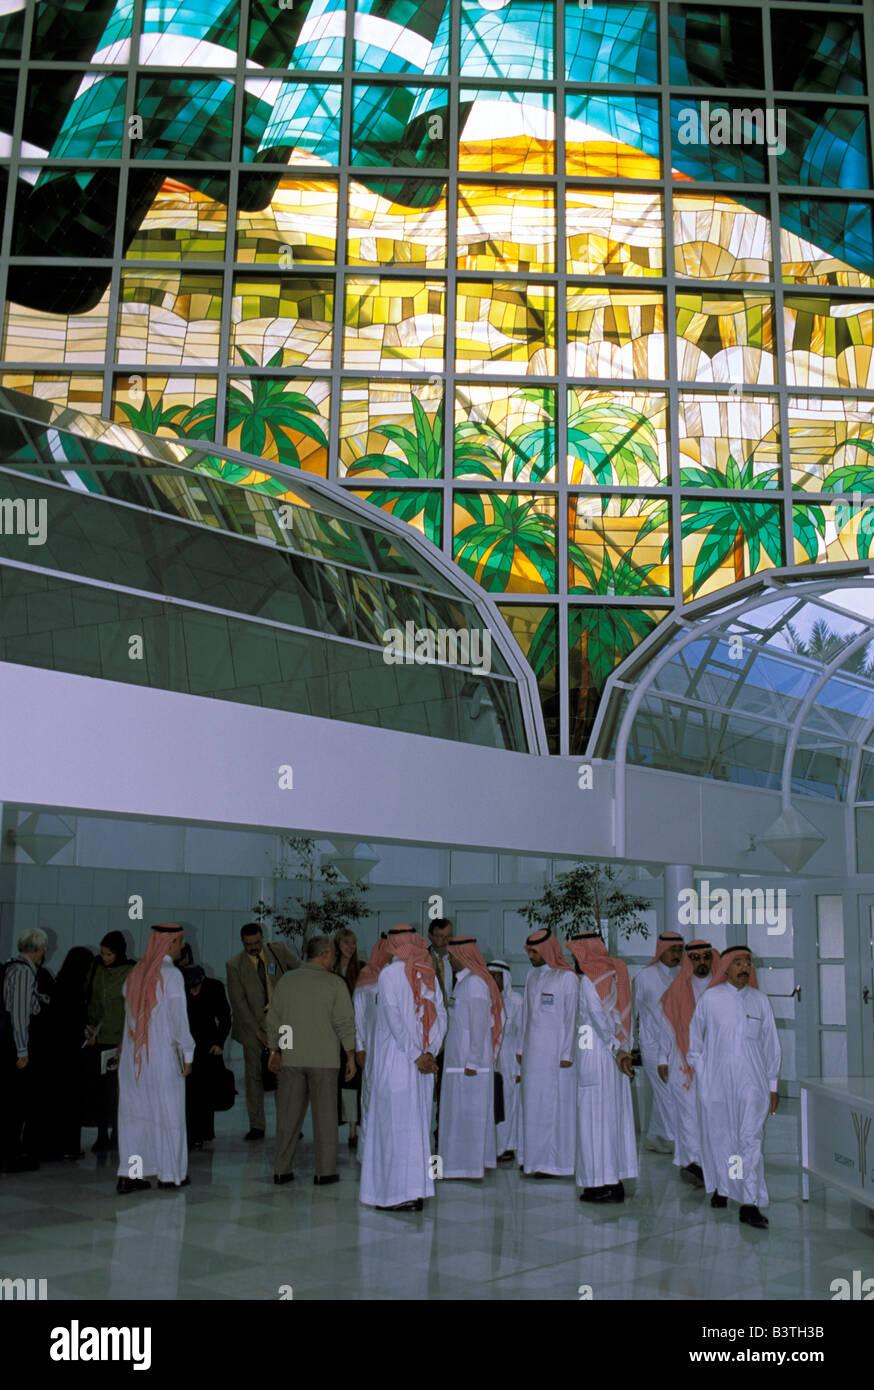 L'Asie, l'Arabie saoudite, Riyad. À l'intérieur de King Fahid Centre Culturel. Photo Stock